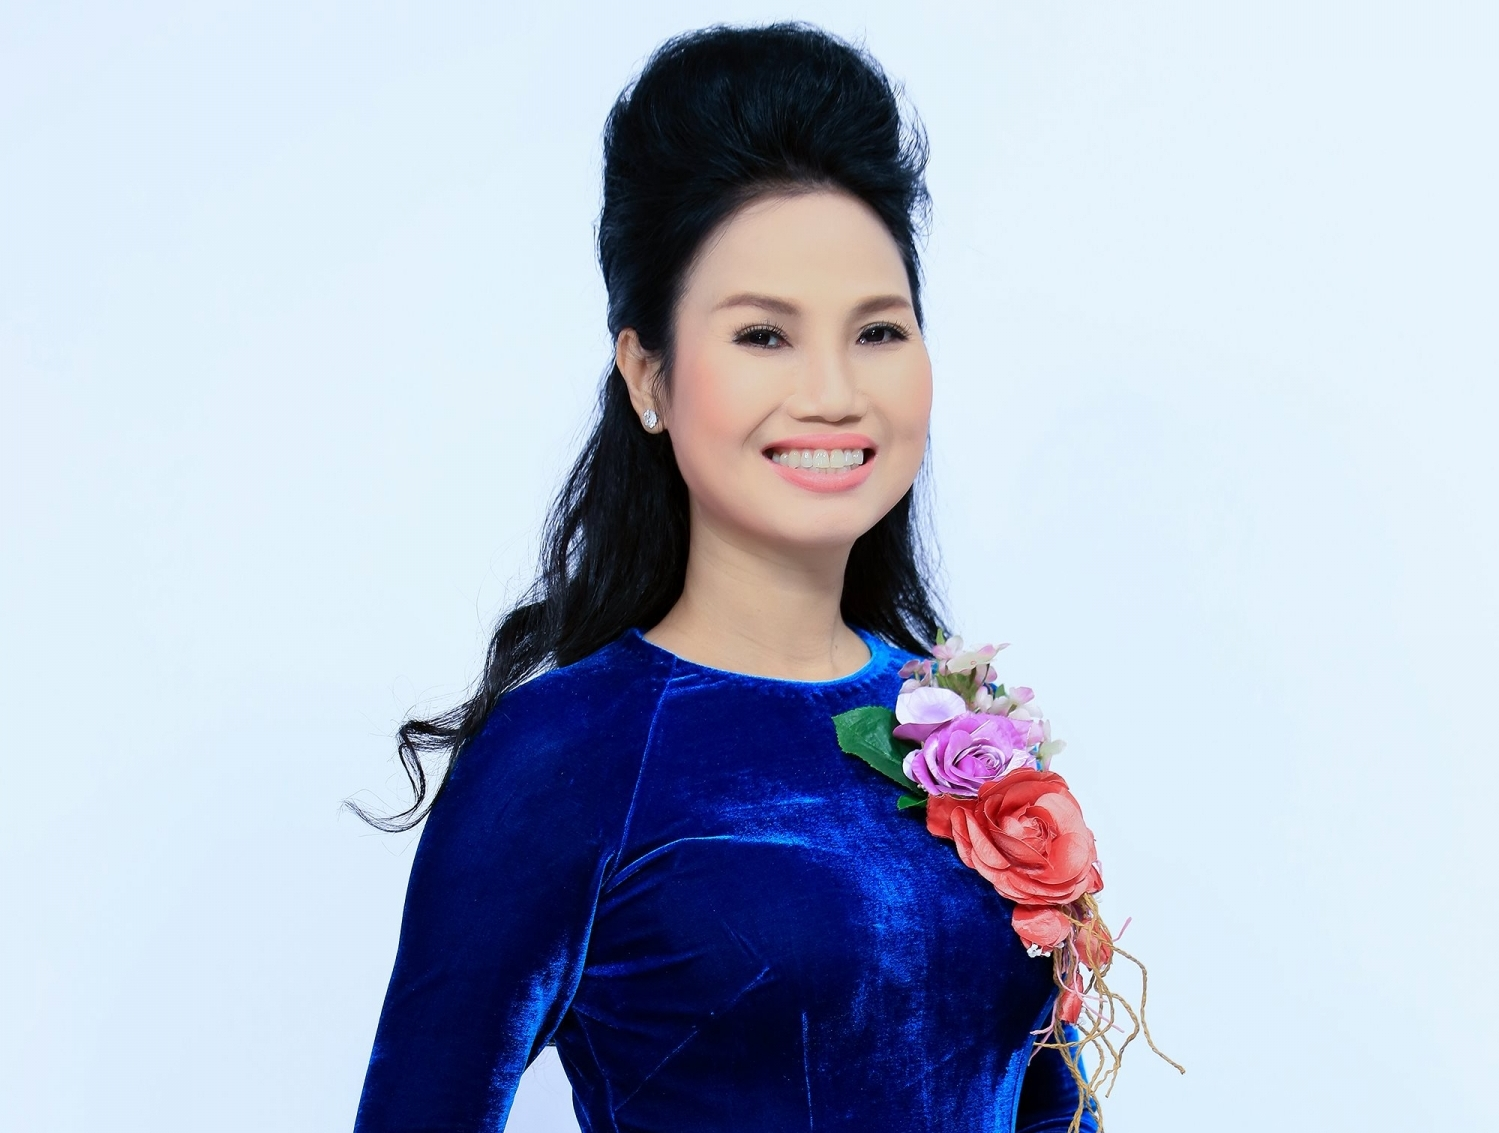 Ca sĩ Thùy Trang nói về bệnh ngôi sao của nghệ sĩ thời nay